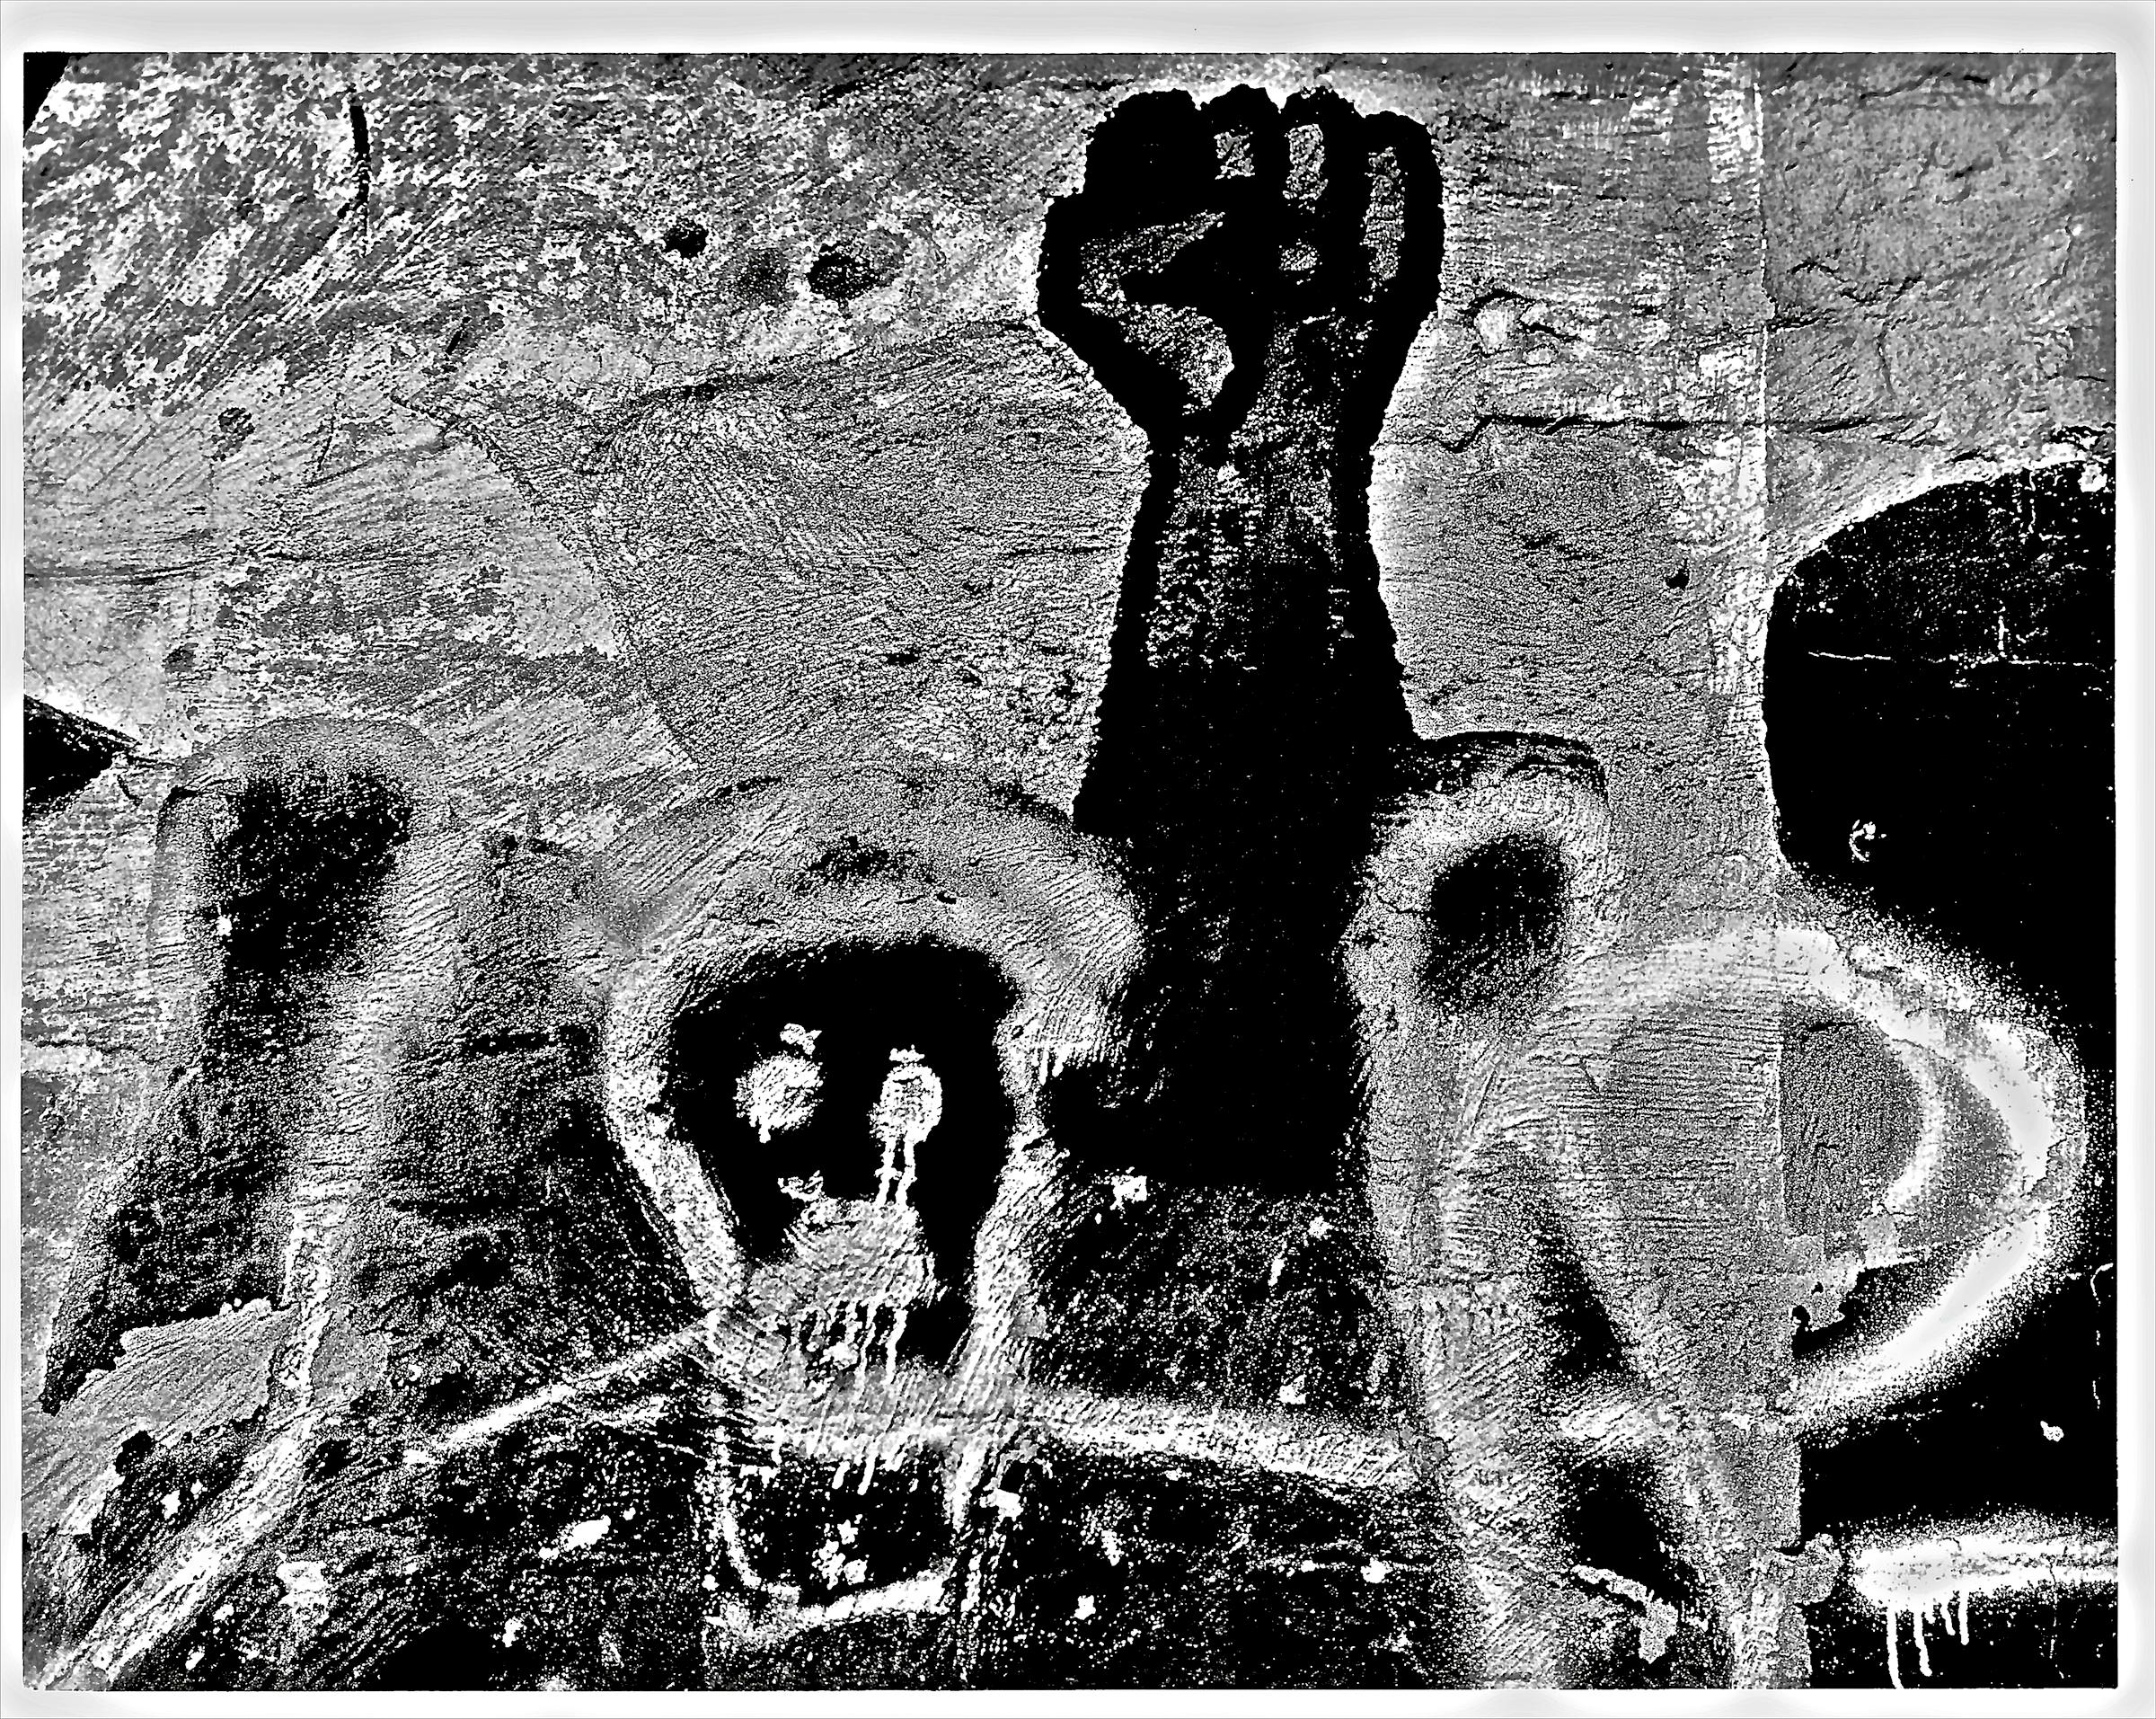 HARLEM WALLS, NYC 1980'S